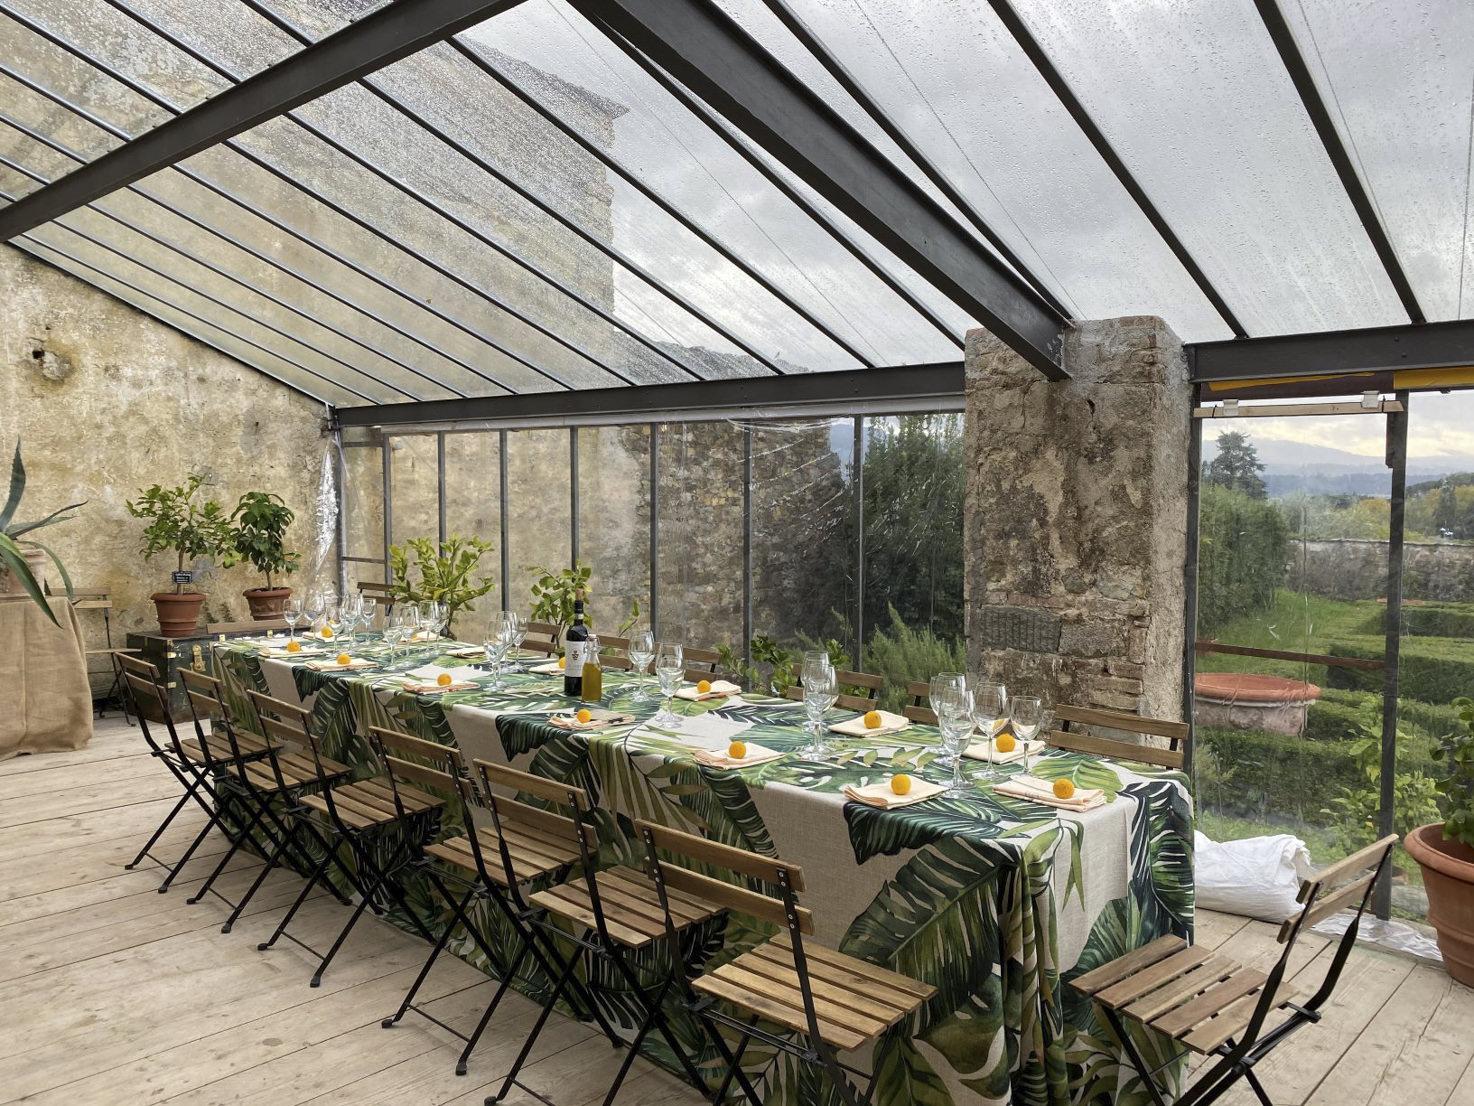 Wedding reception in the greenhouse of Villa di Maiano